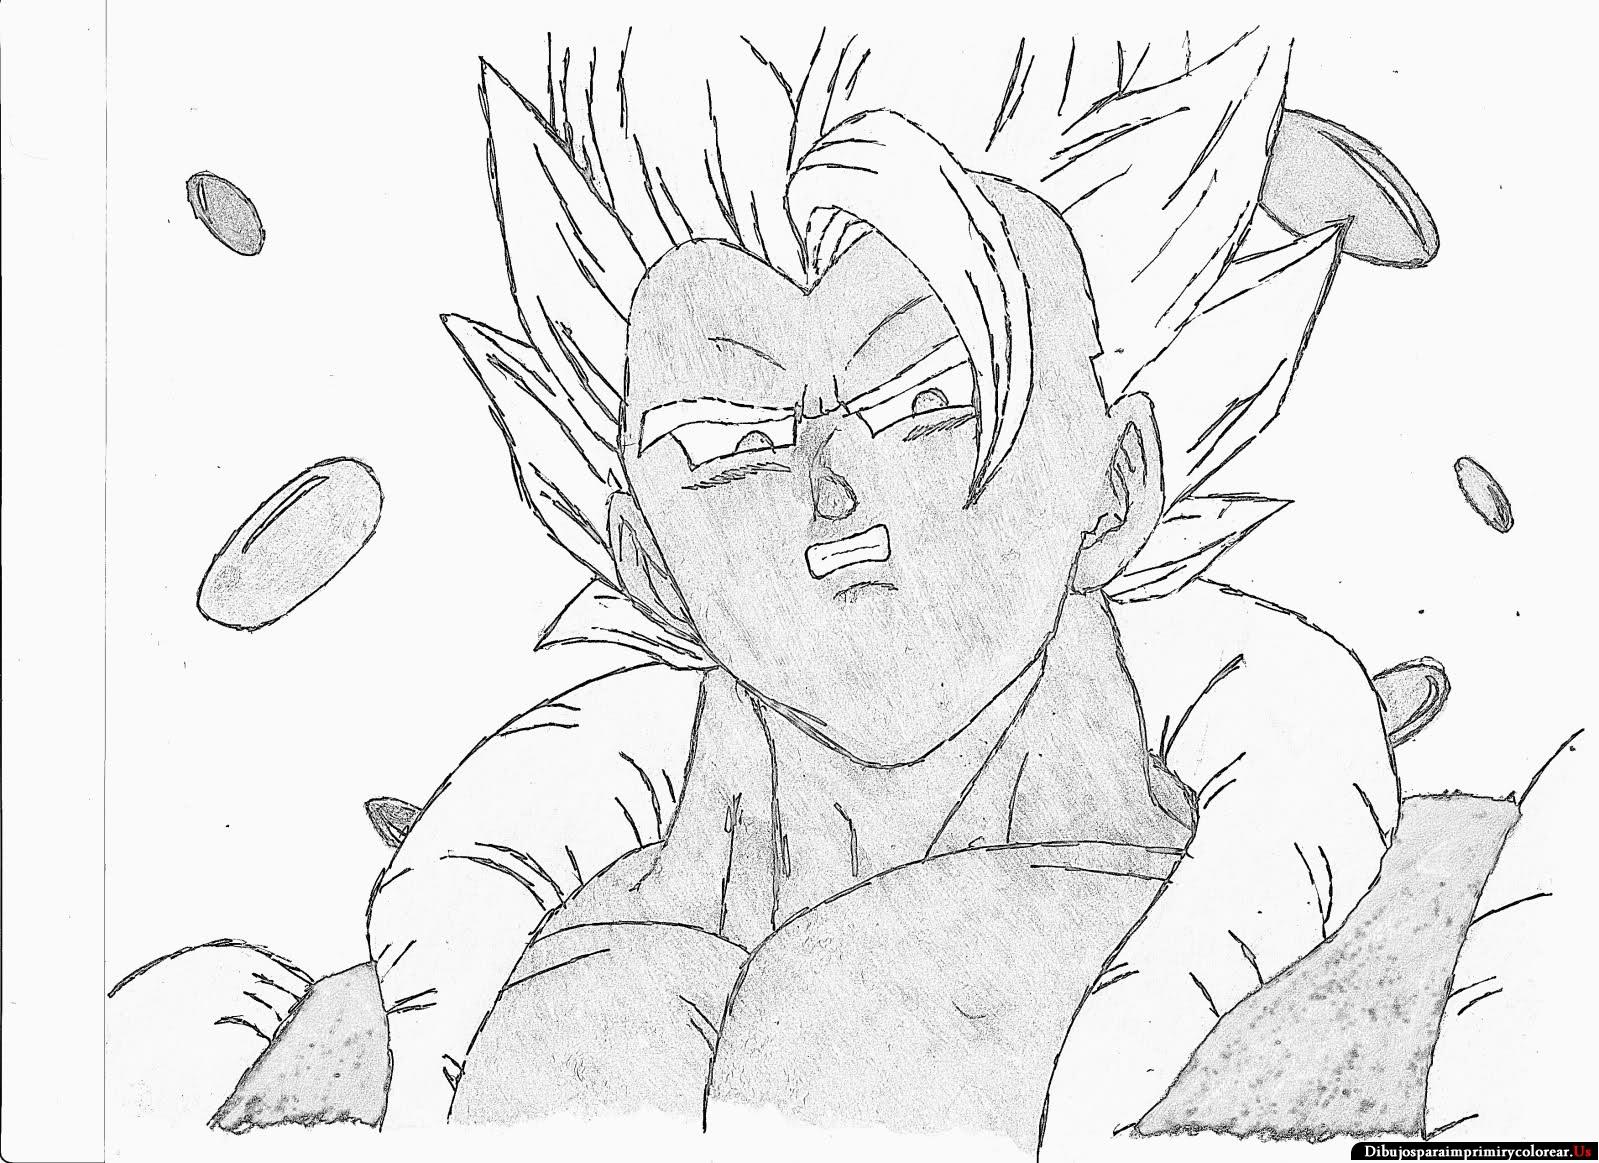 Dibujo De Goku Y Vegeta Para Imprimir Y Colorear: Dibujos De Goku Y Sus Transformaciones Para Colorear